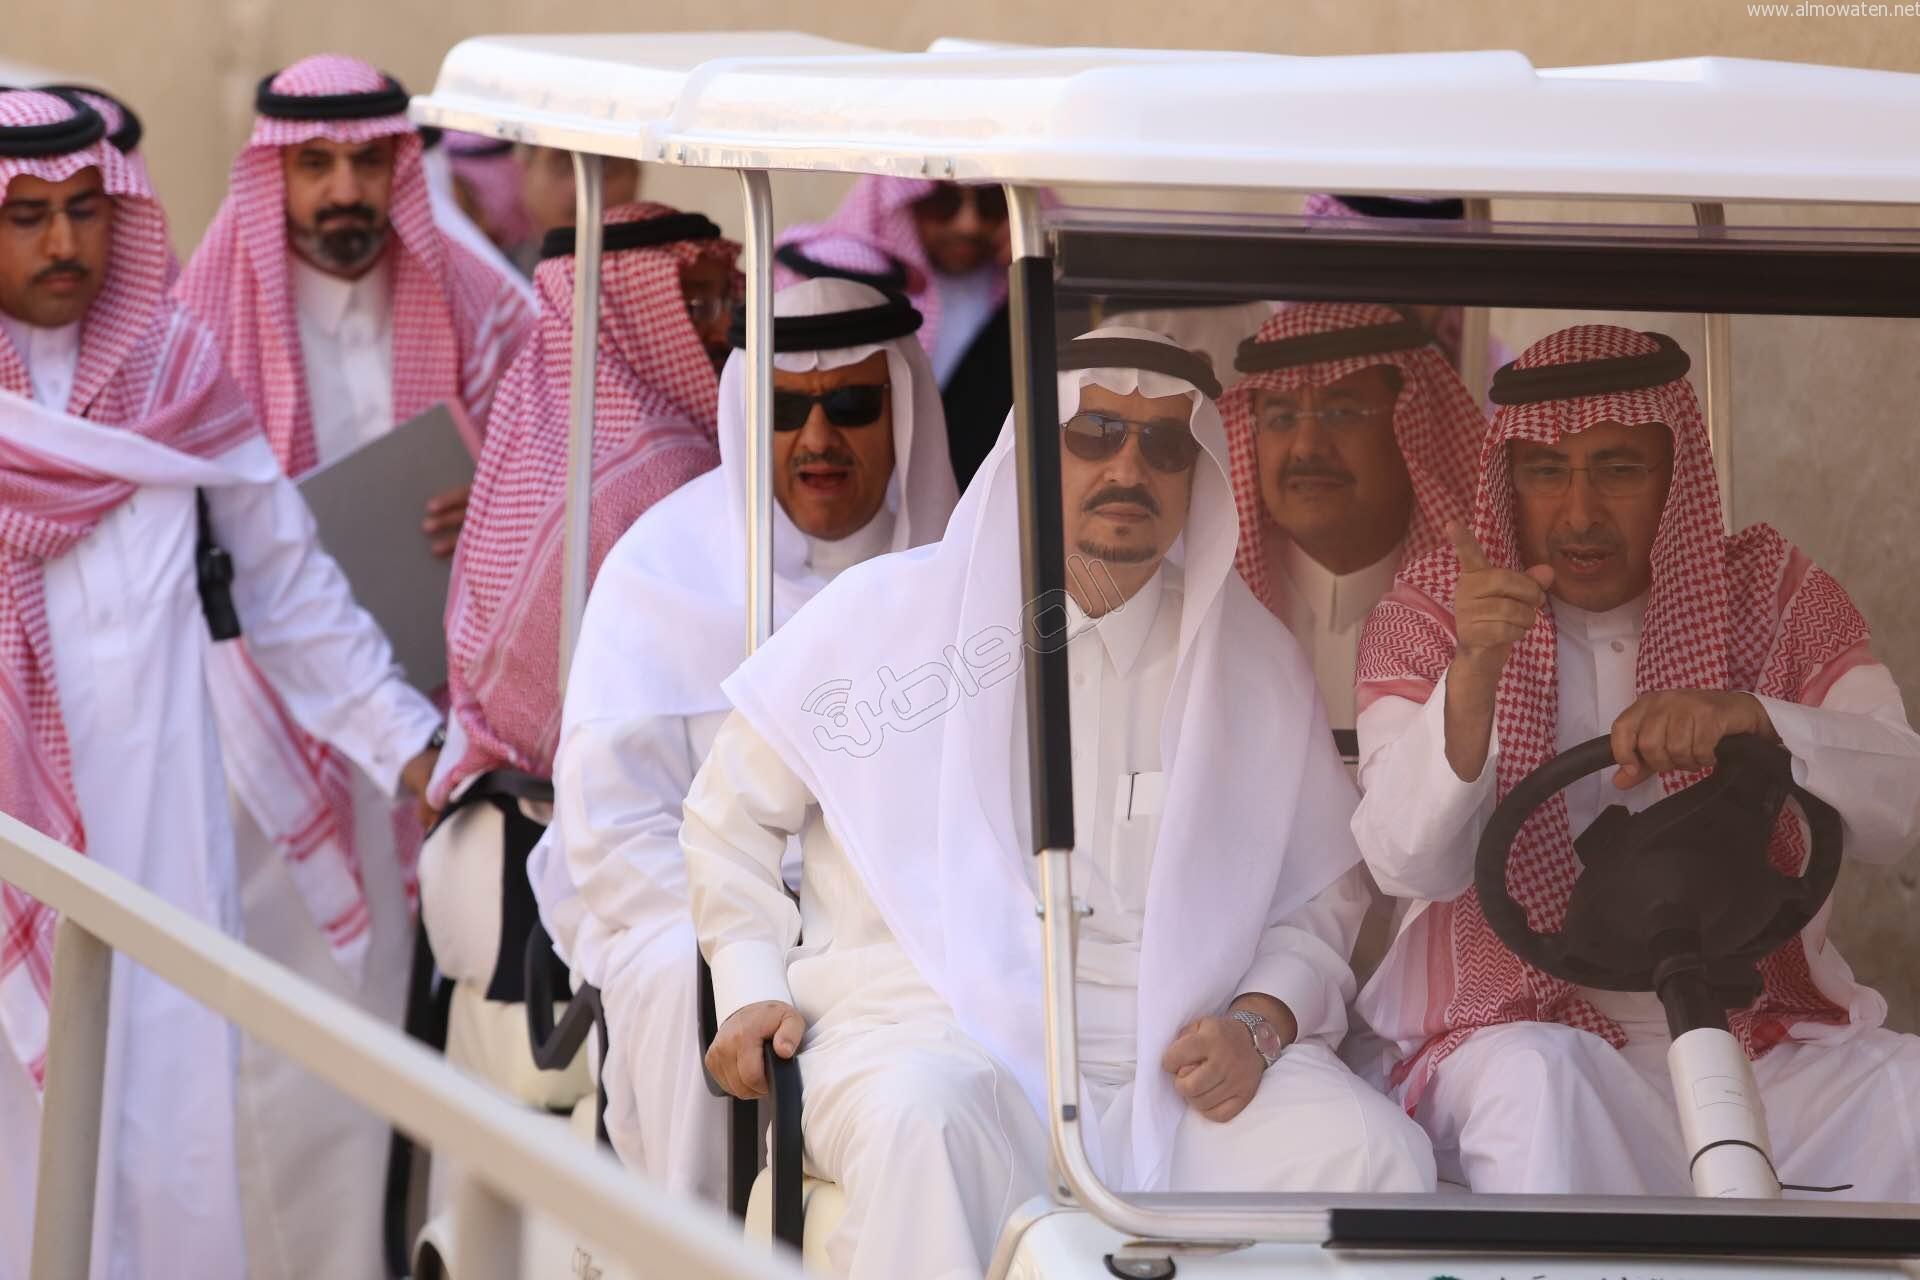 زيارامير-الرياض (2)